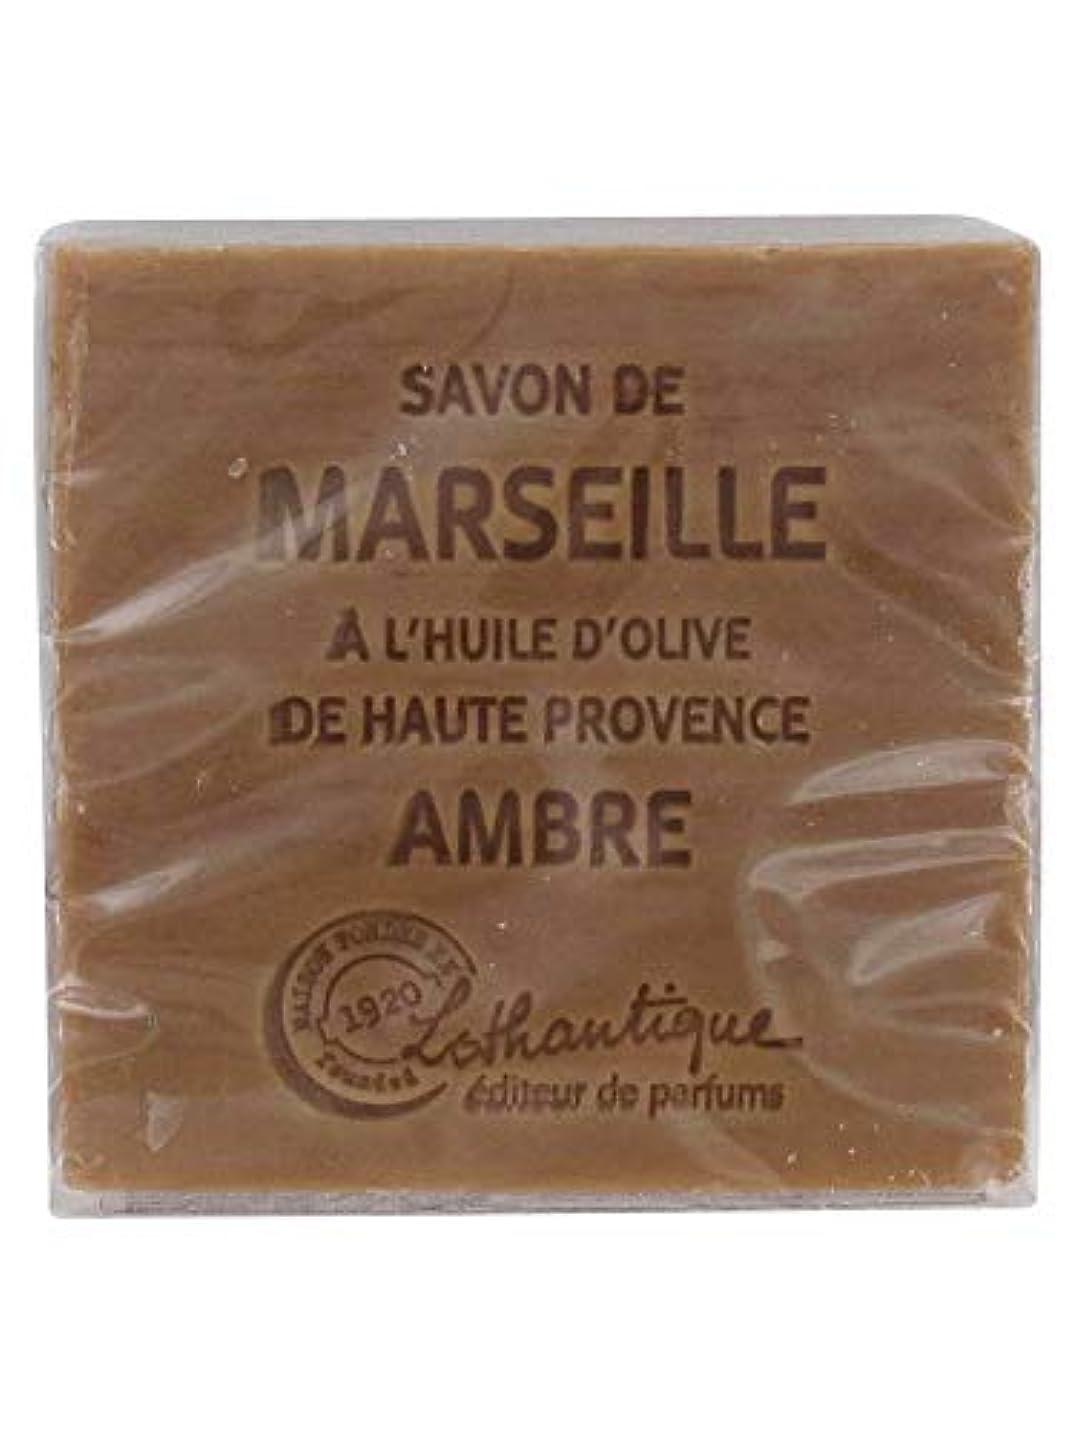 だらしないドメイン官僚Lothantique(ロタンティック) Les savons de Marseille(マルセイユソープ) マルセイユソープ 100g 「アンバー」 3420070038012